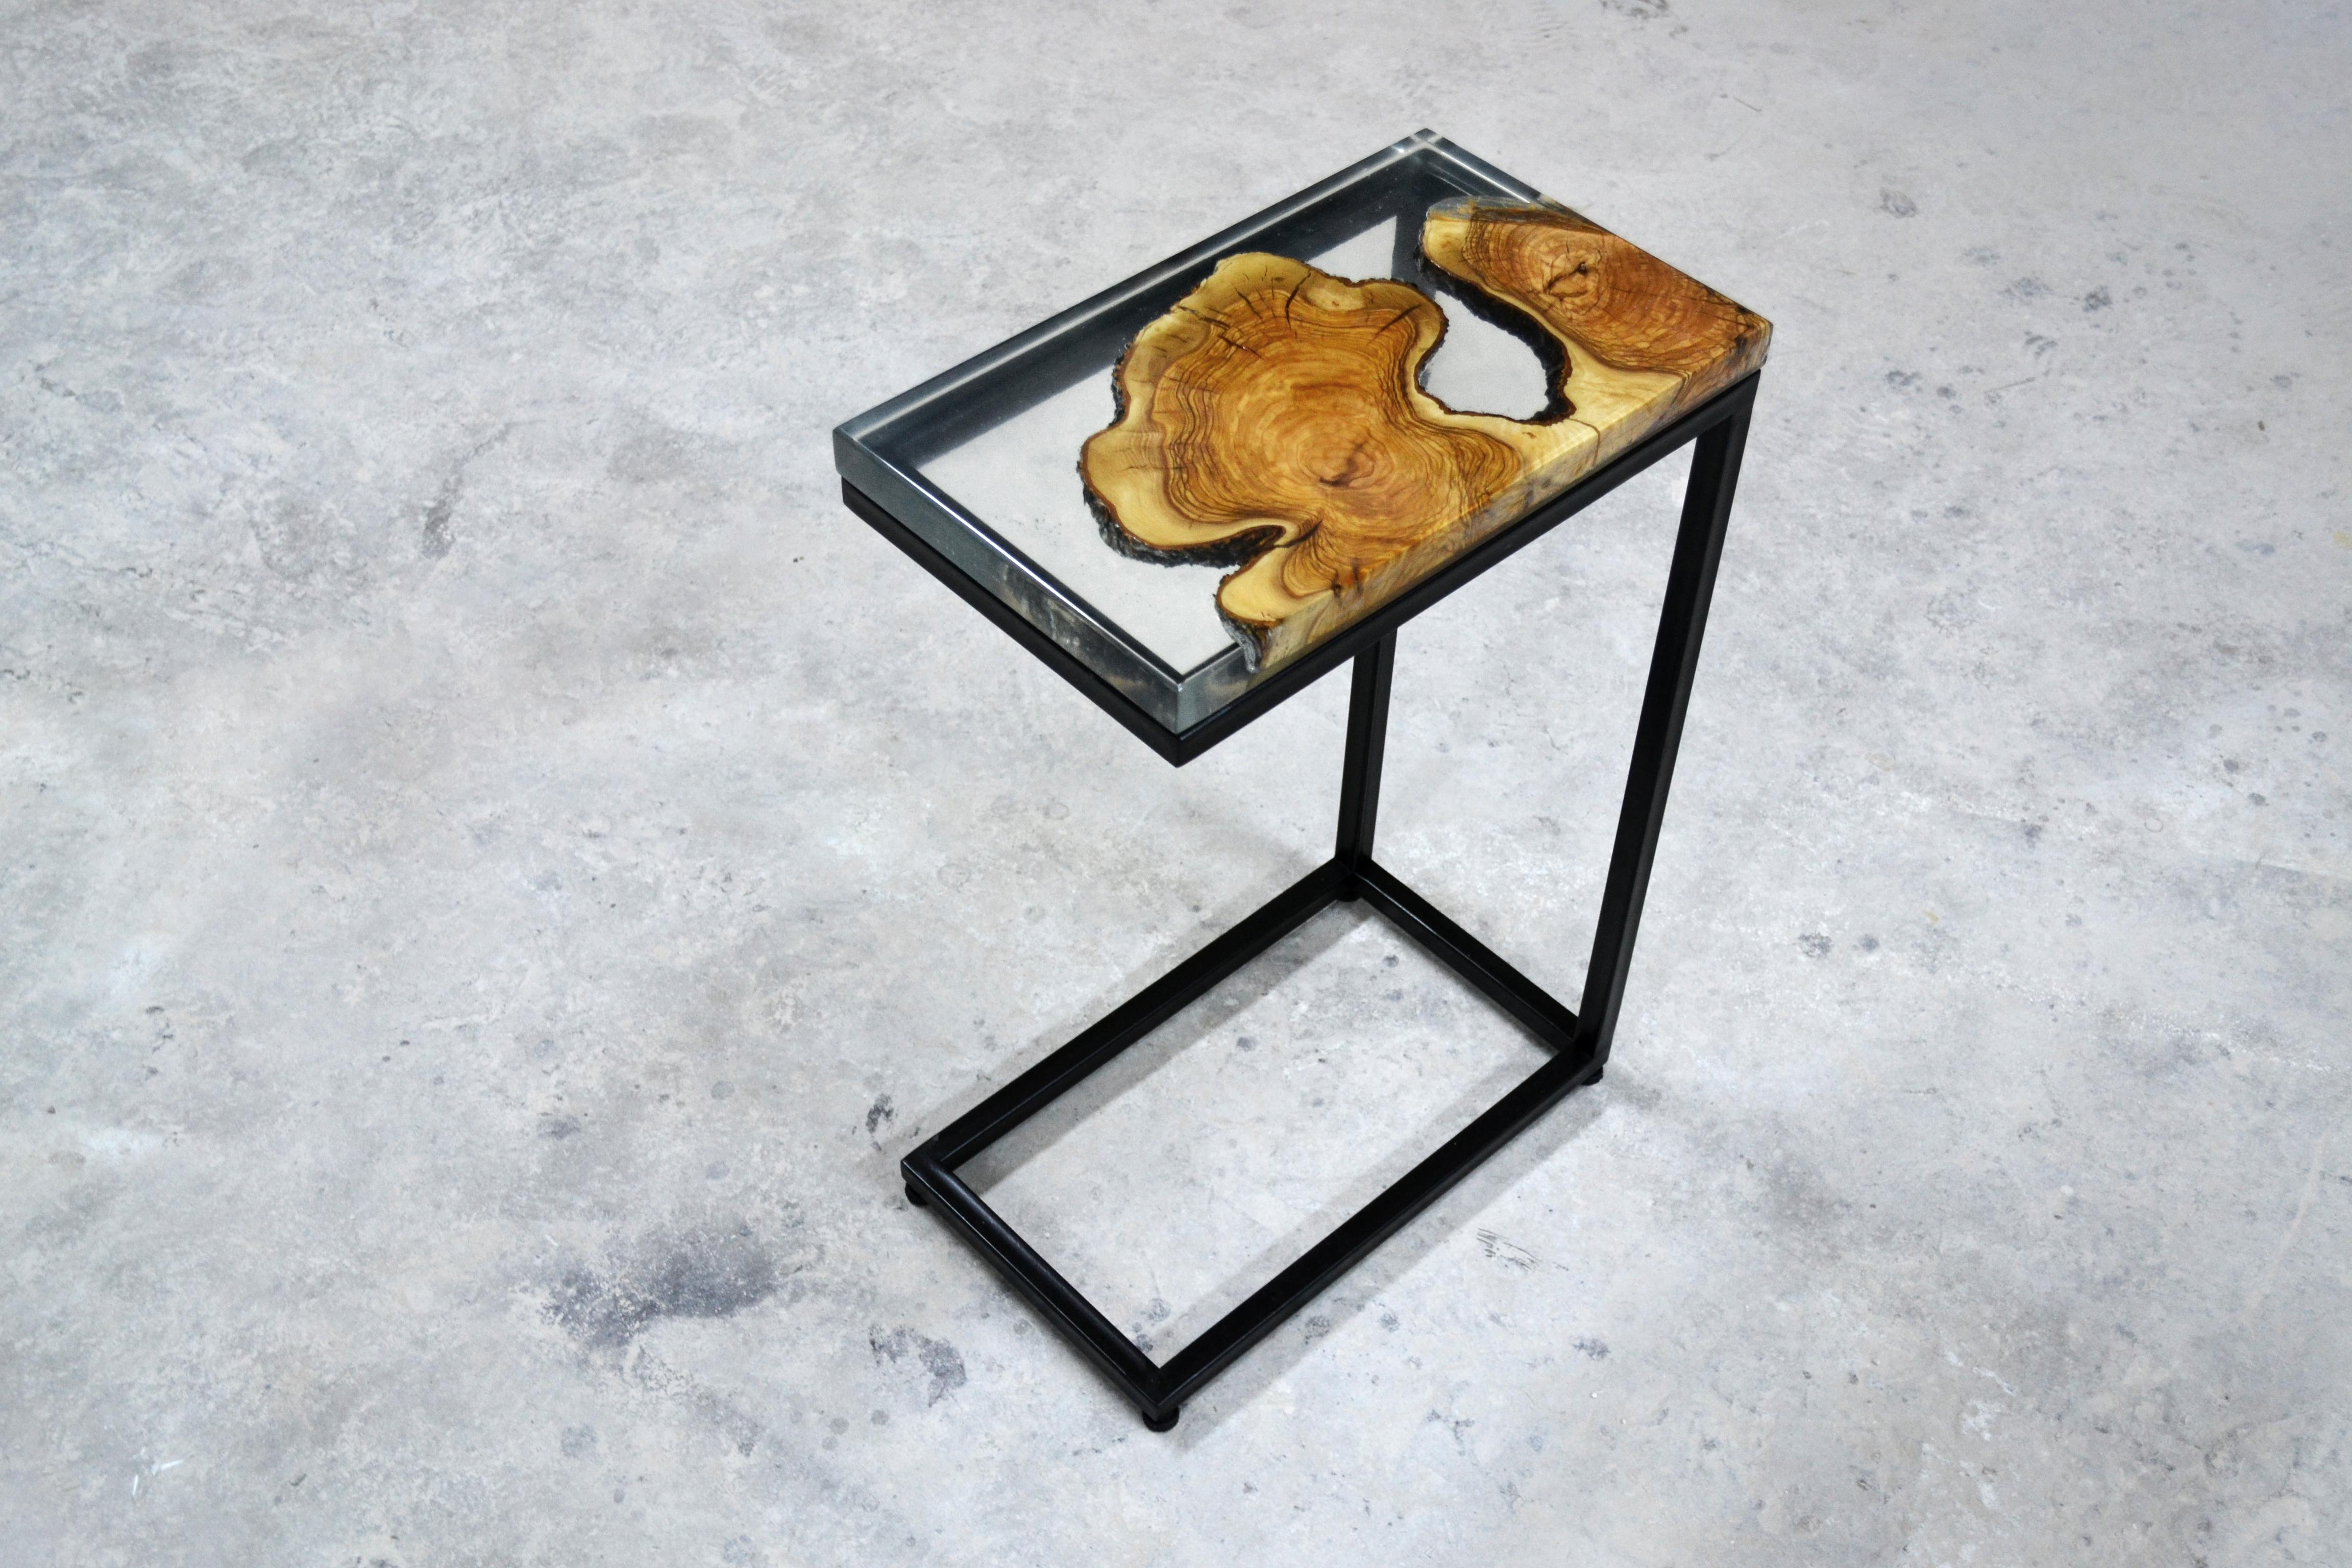 Aperçu_C-Table_02